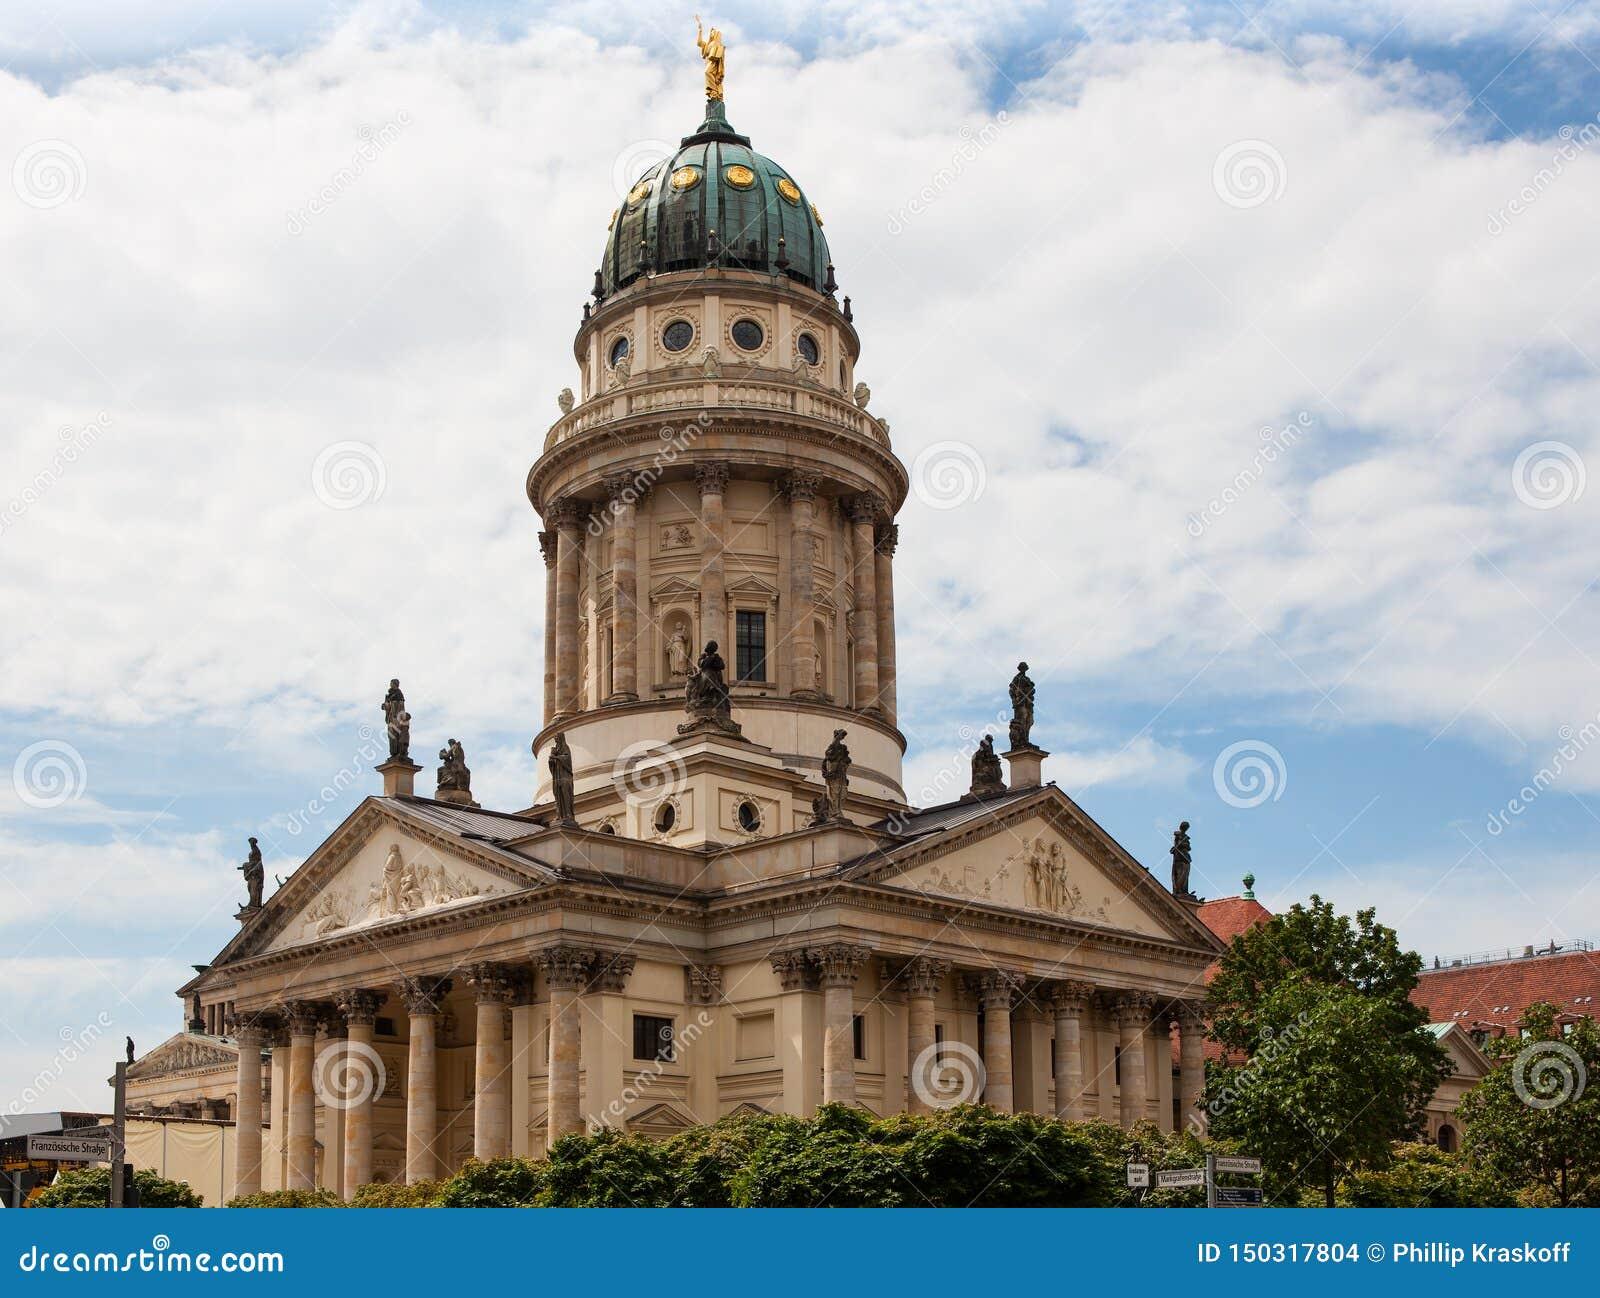 DOM di Franzosischer, cattedrale francese a Berlino, Germania